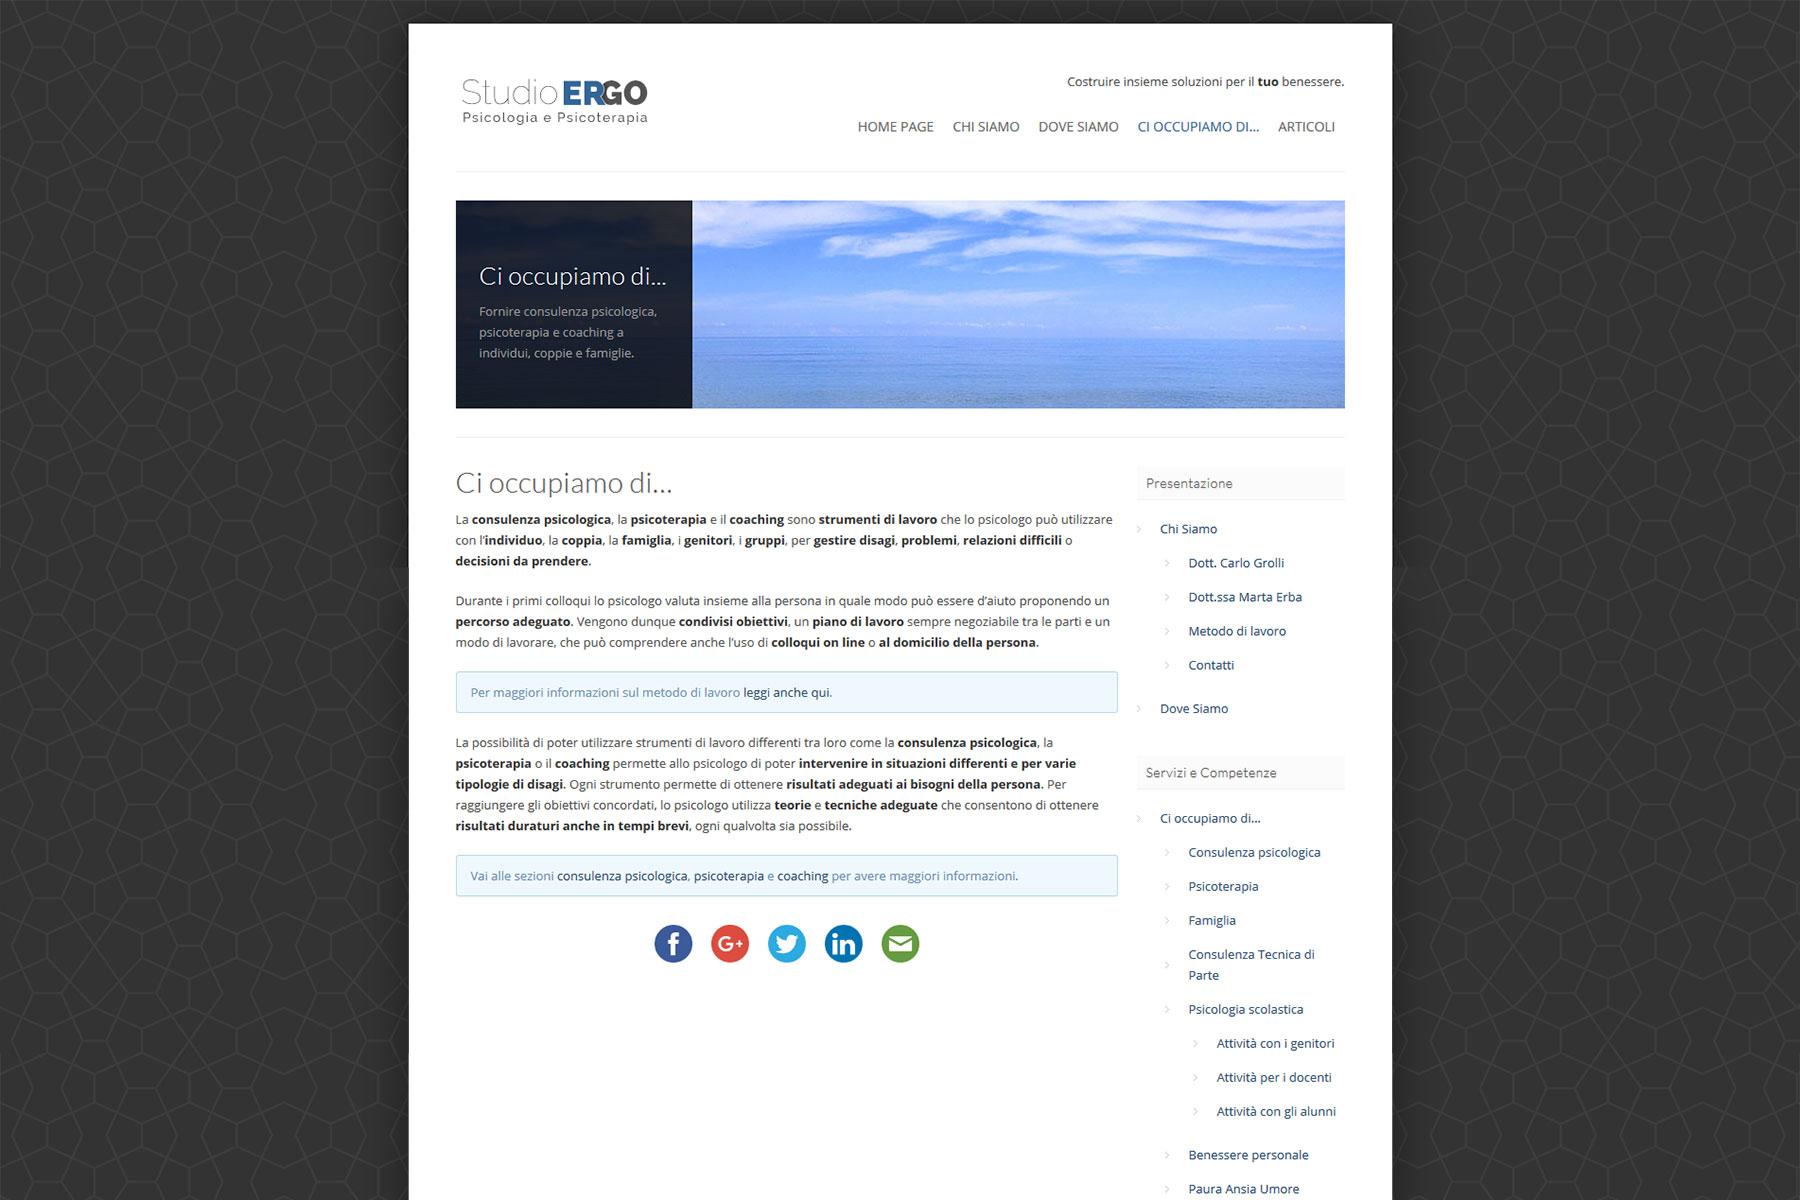 xplay-agenzia-web-sito-studio-ergo-psicologia-e-psicoterapia-como-e-milano